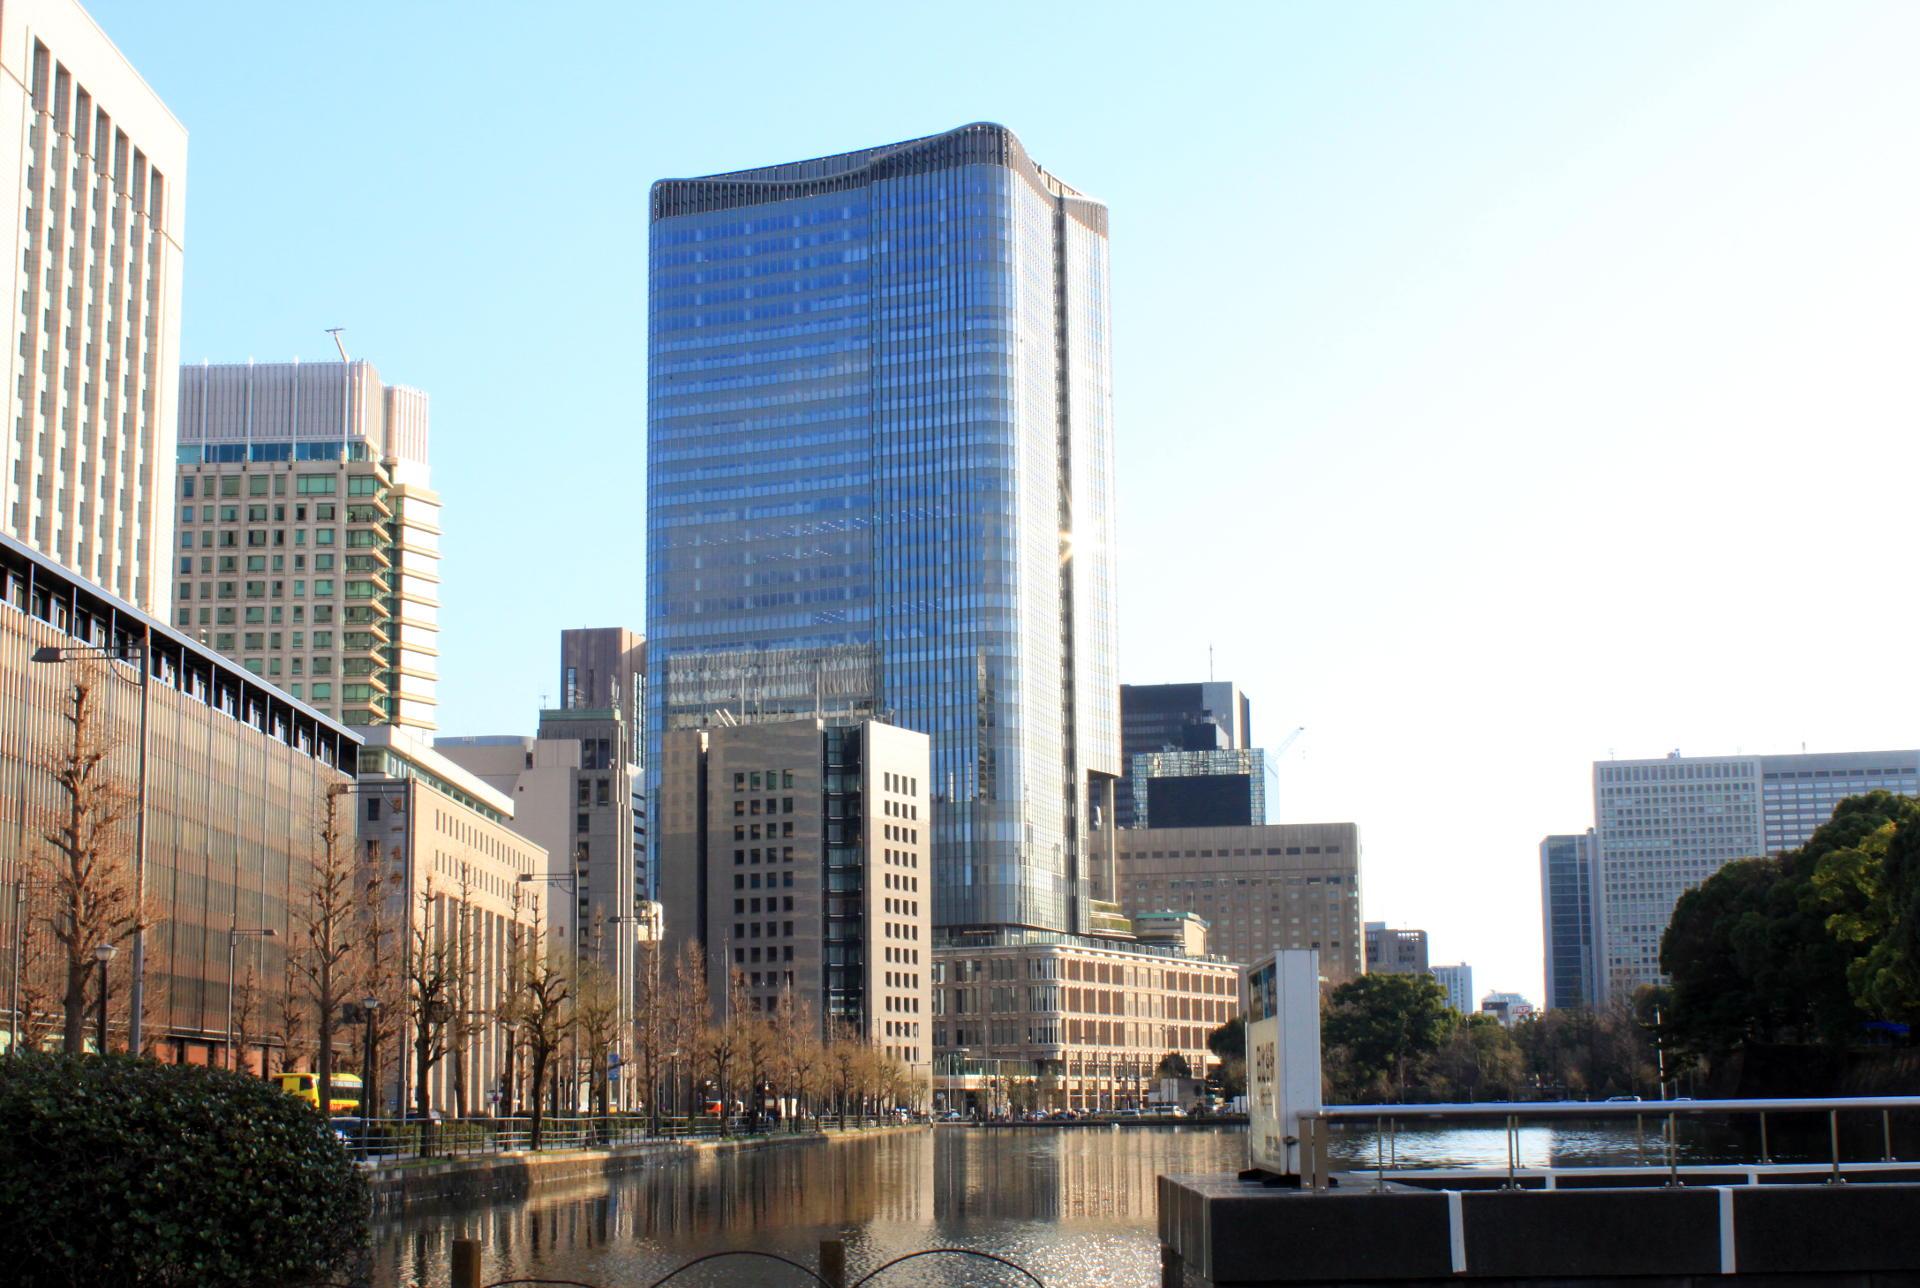 dzielnica Chiyoda Tokio wieżowce iglawpodrozy